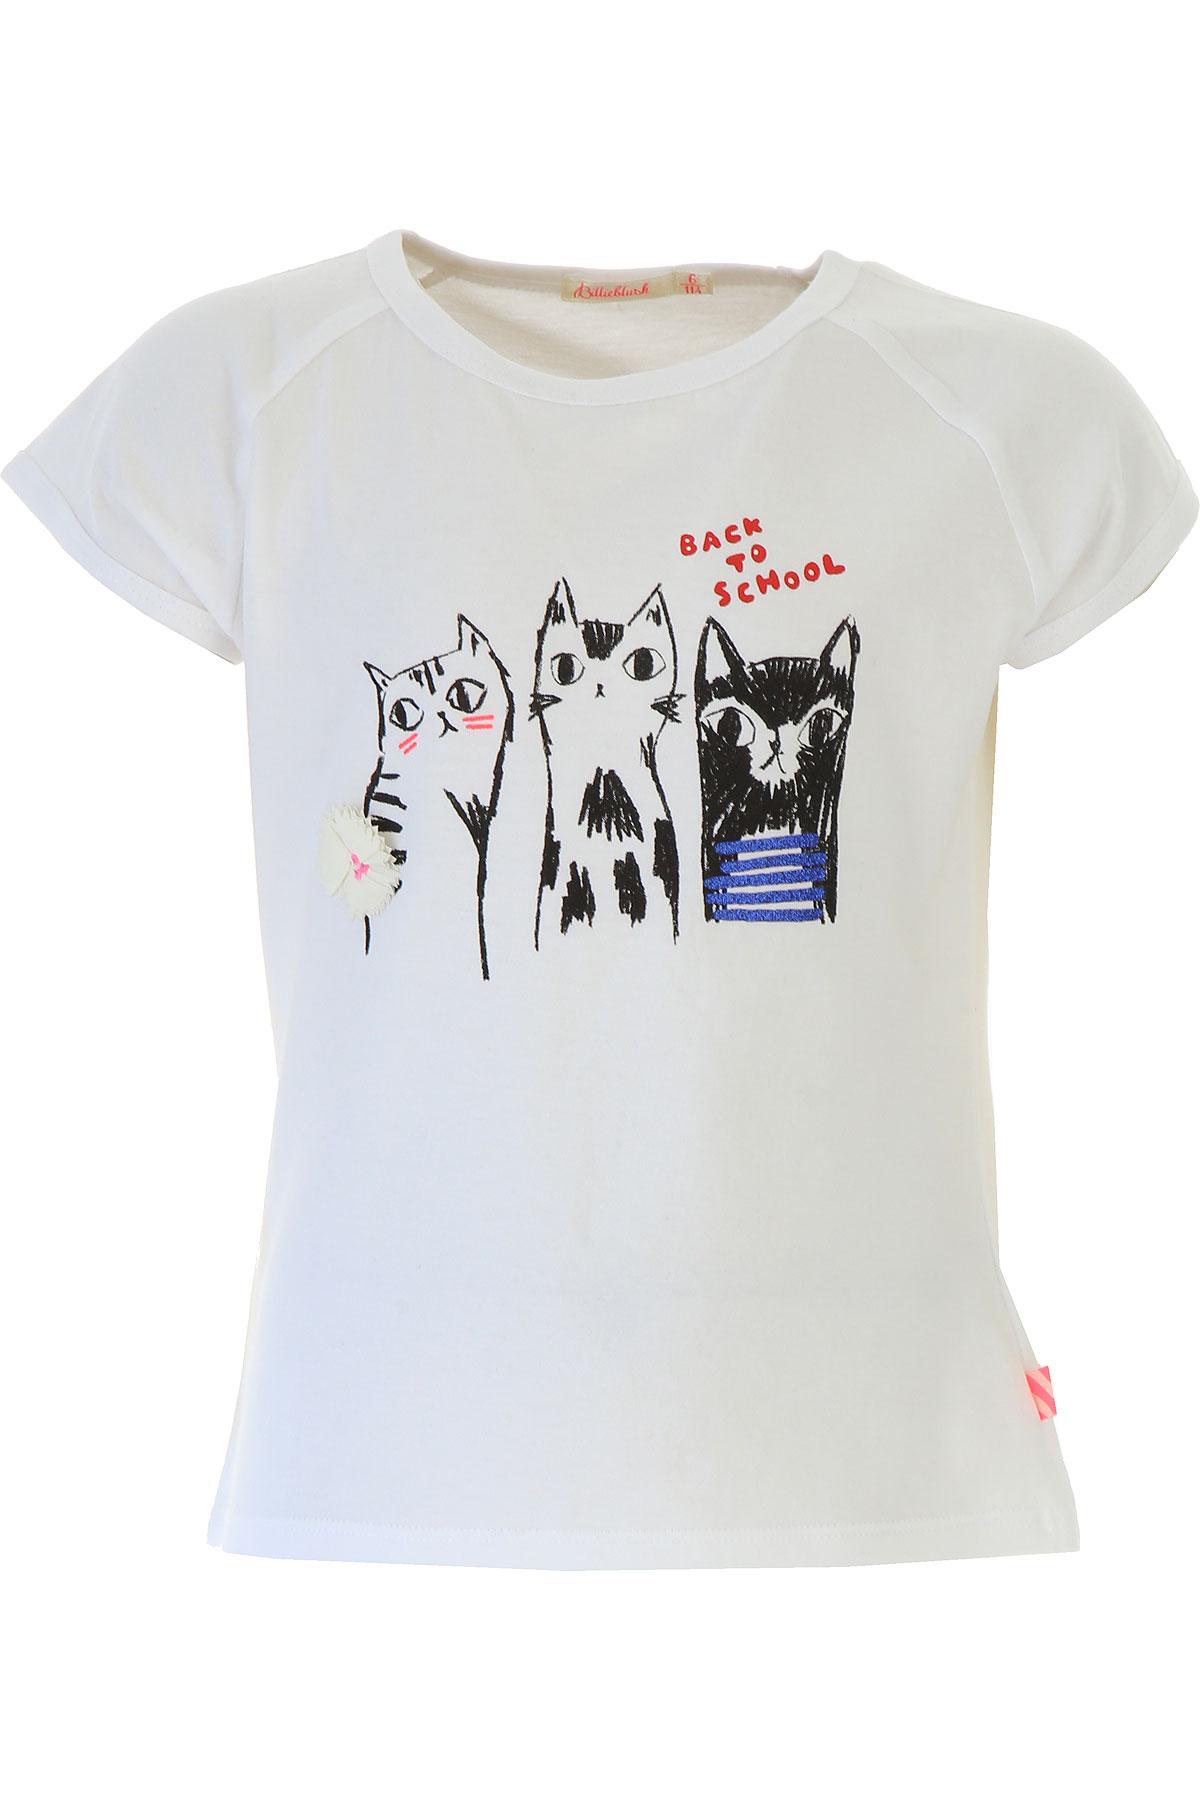 Image of Billieblush Kids T-Shirt for Girls, White, Cotton, 2017, 10Y 4Y 5Y 6Y 8Y